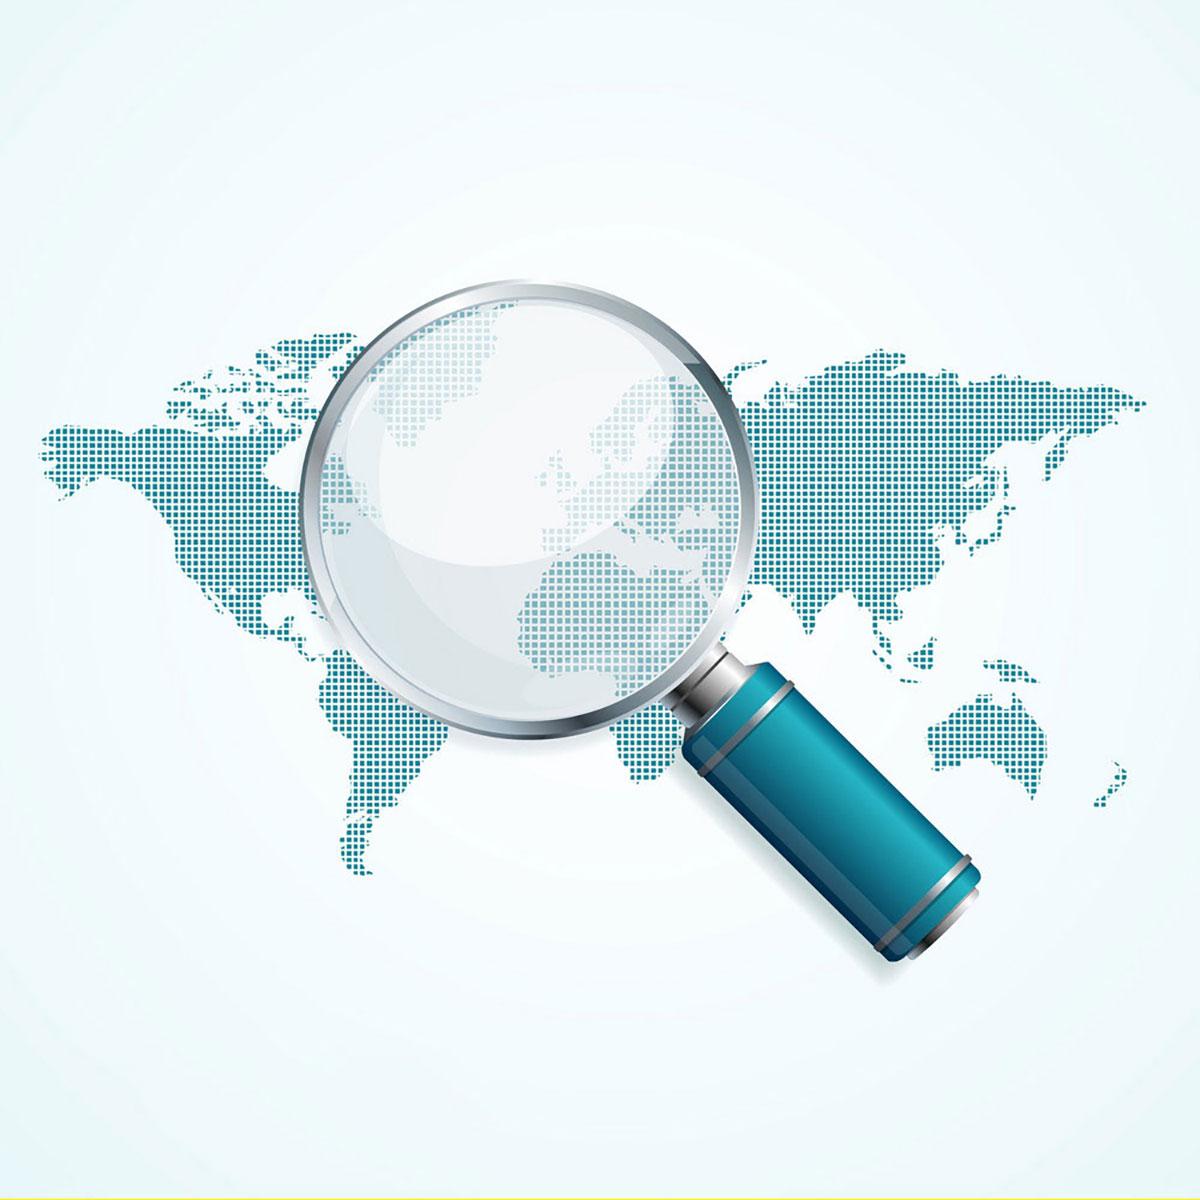 آموزش نقشههای وابسته به مقیاس در ArcGIS